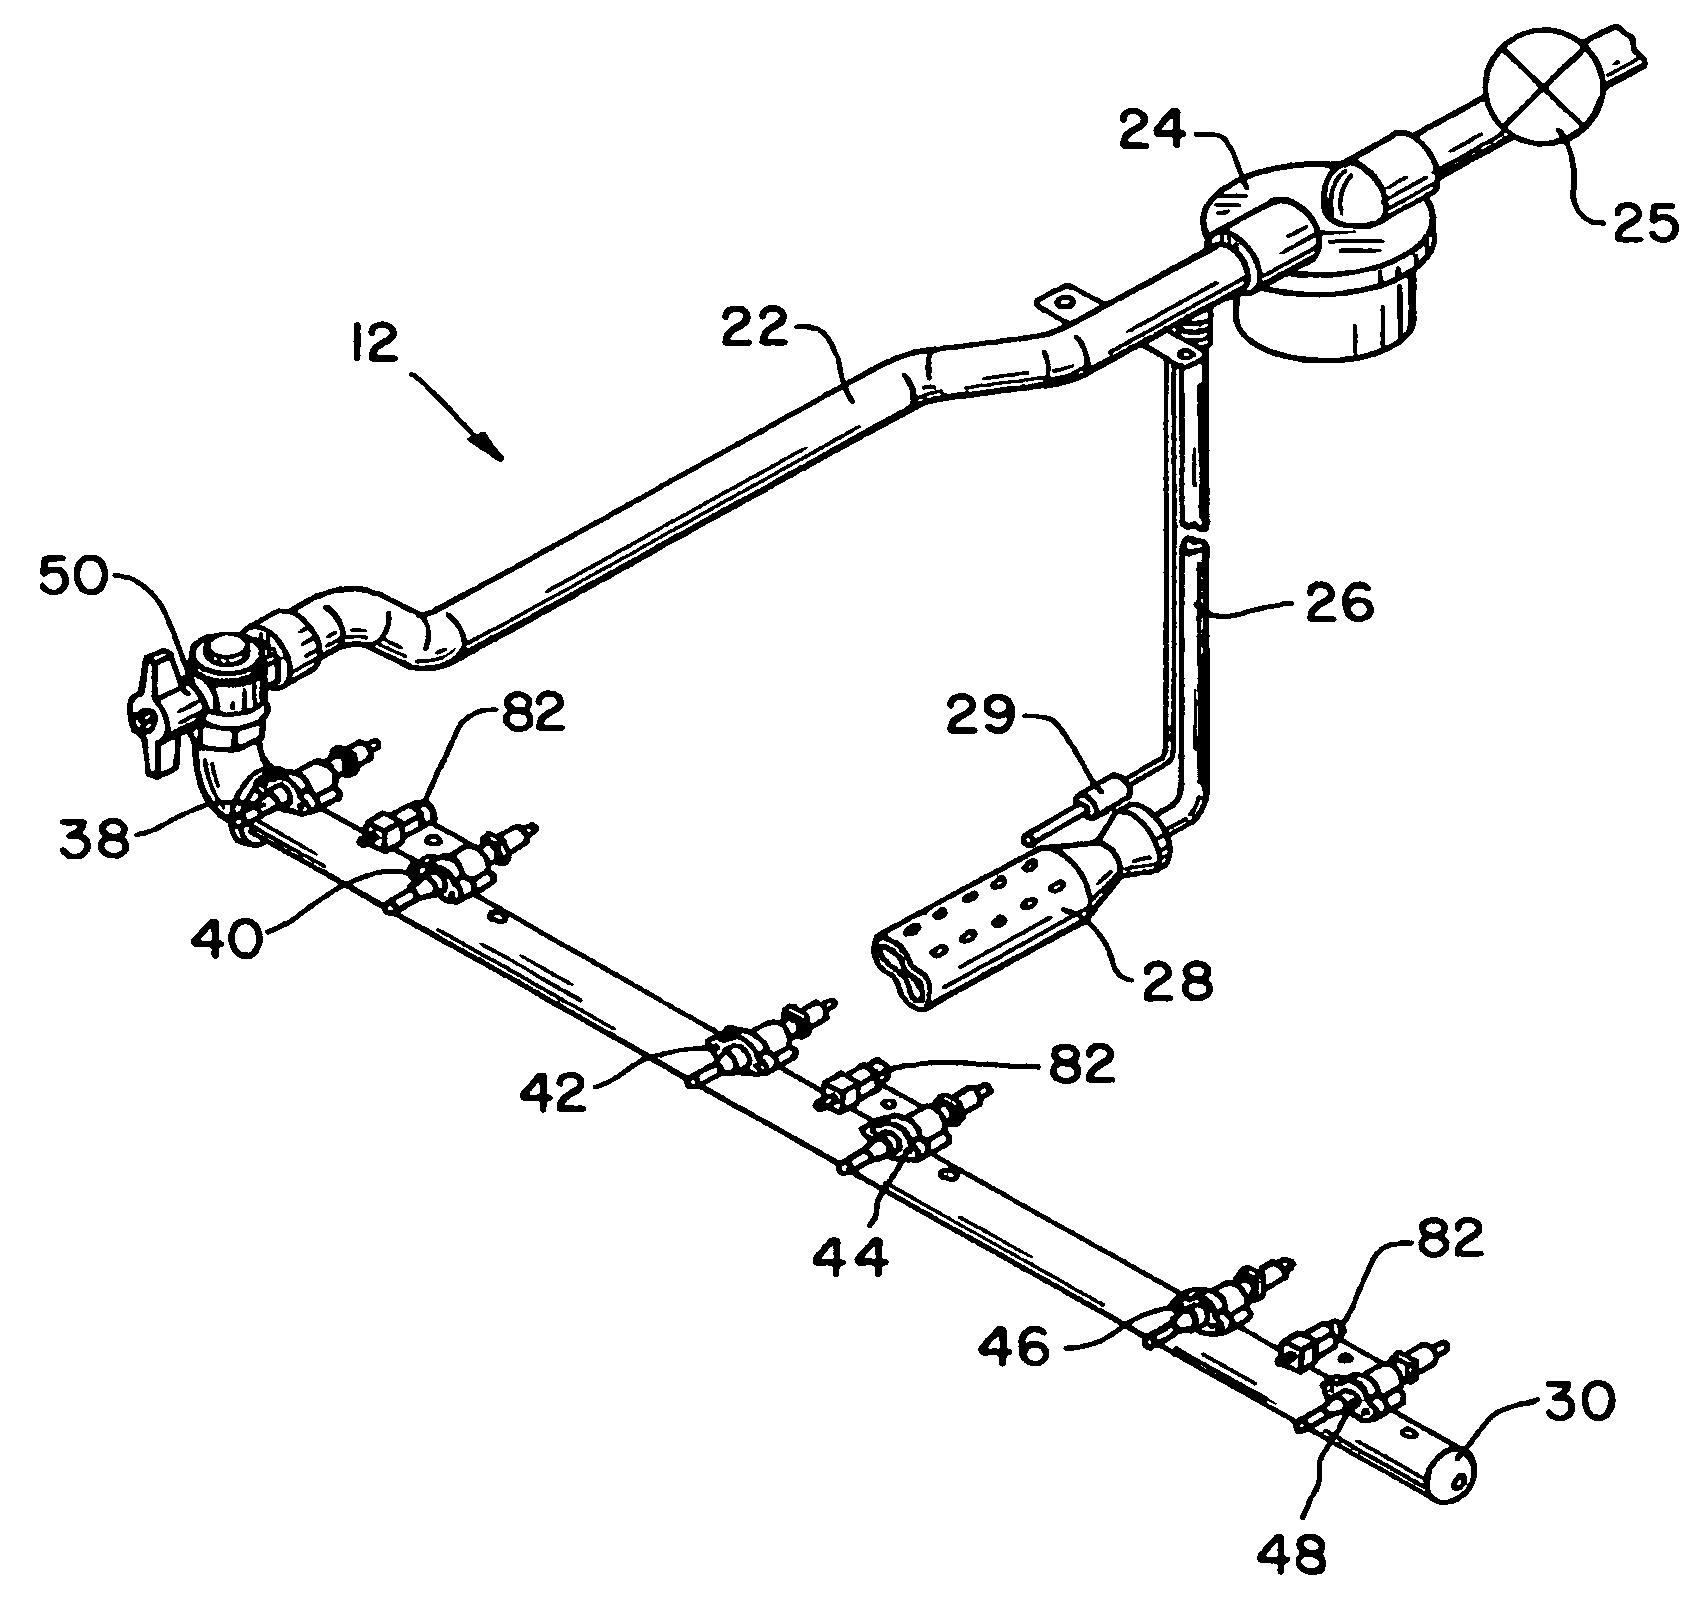 pilot light circuit